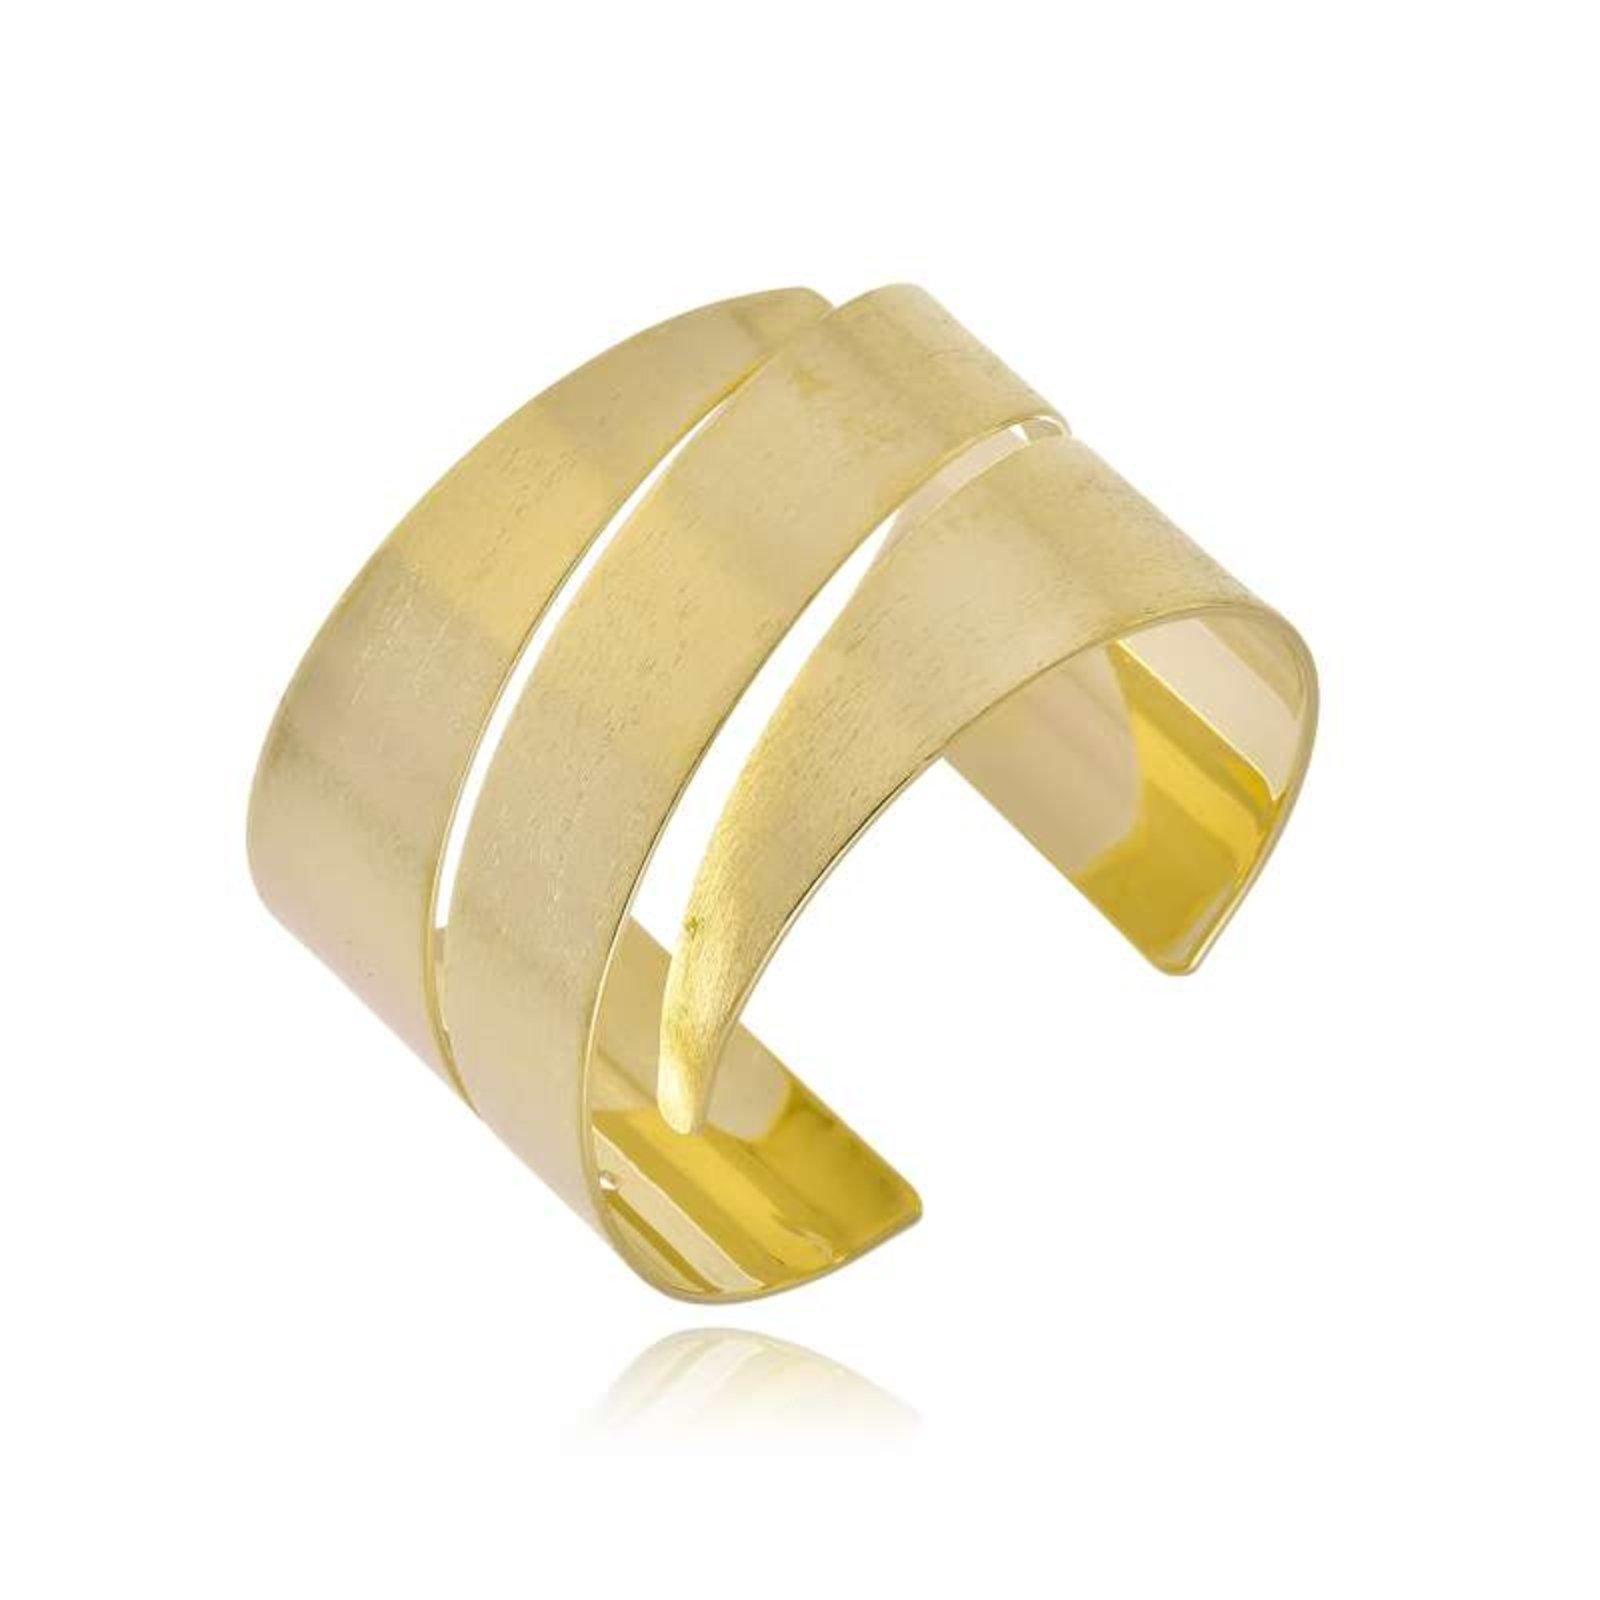 Bracelete Rincawesky Wave Três Cortes Dourado - Marca Rincawesky